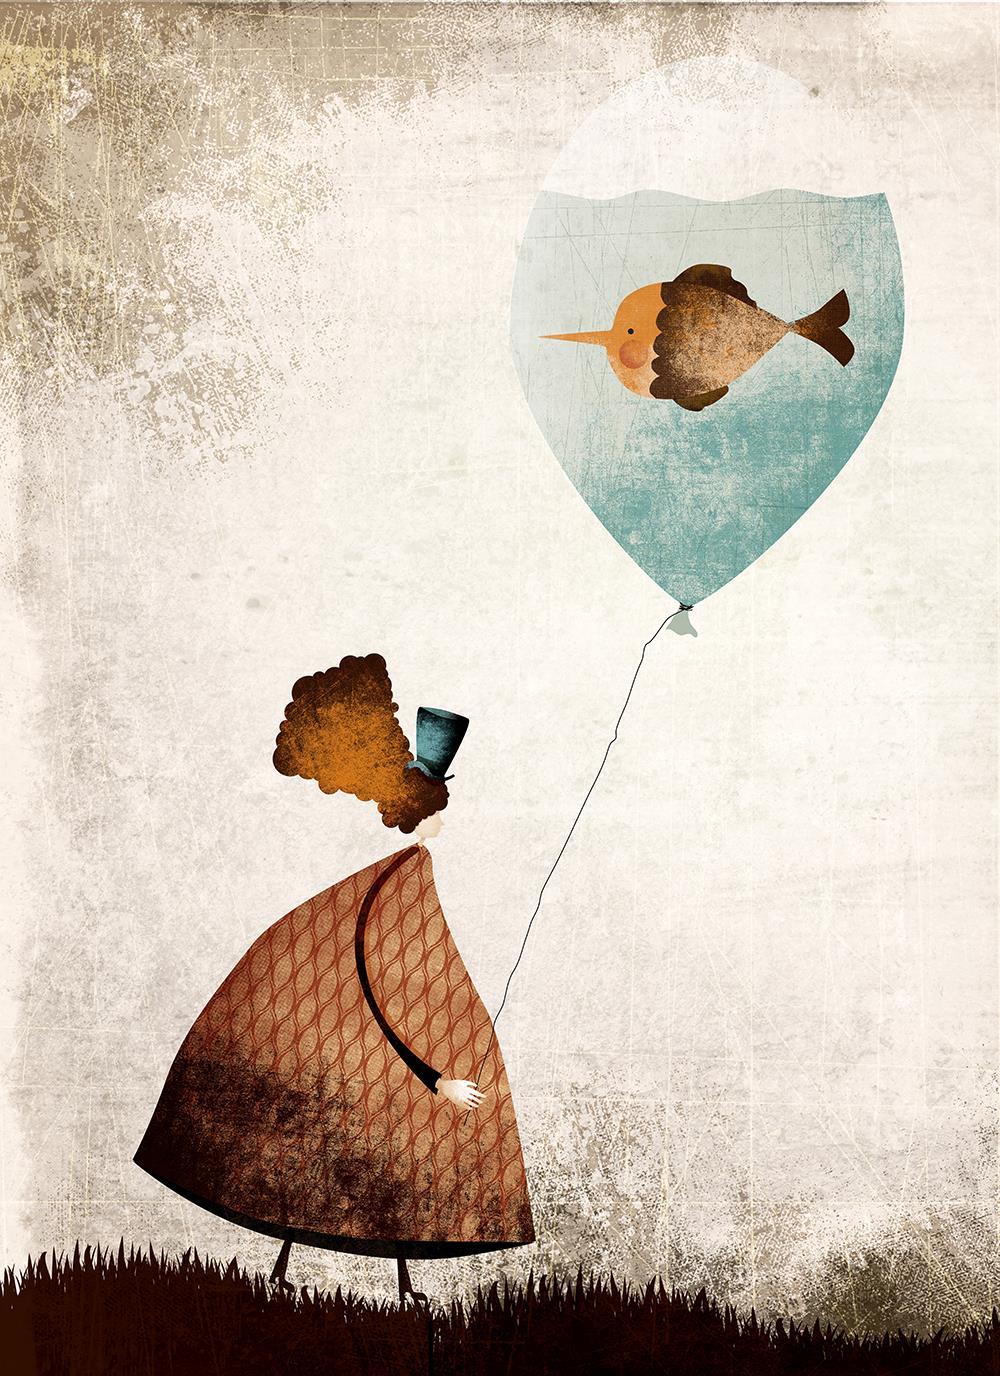 La poésie du monde illustré de Fatinha Ramos